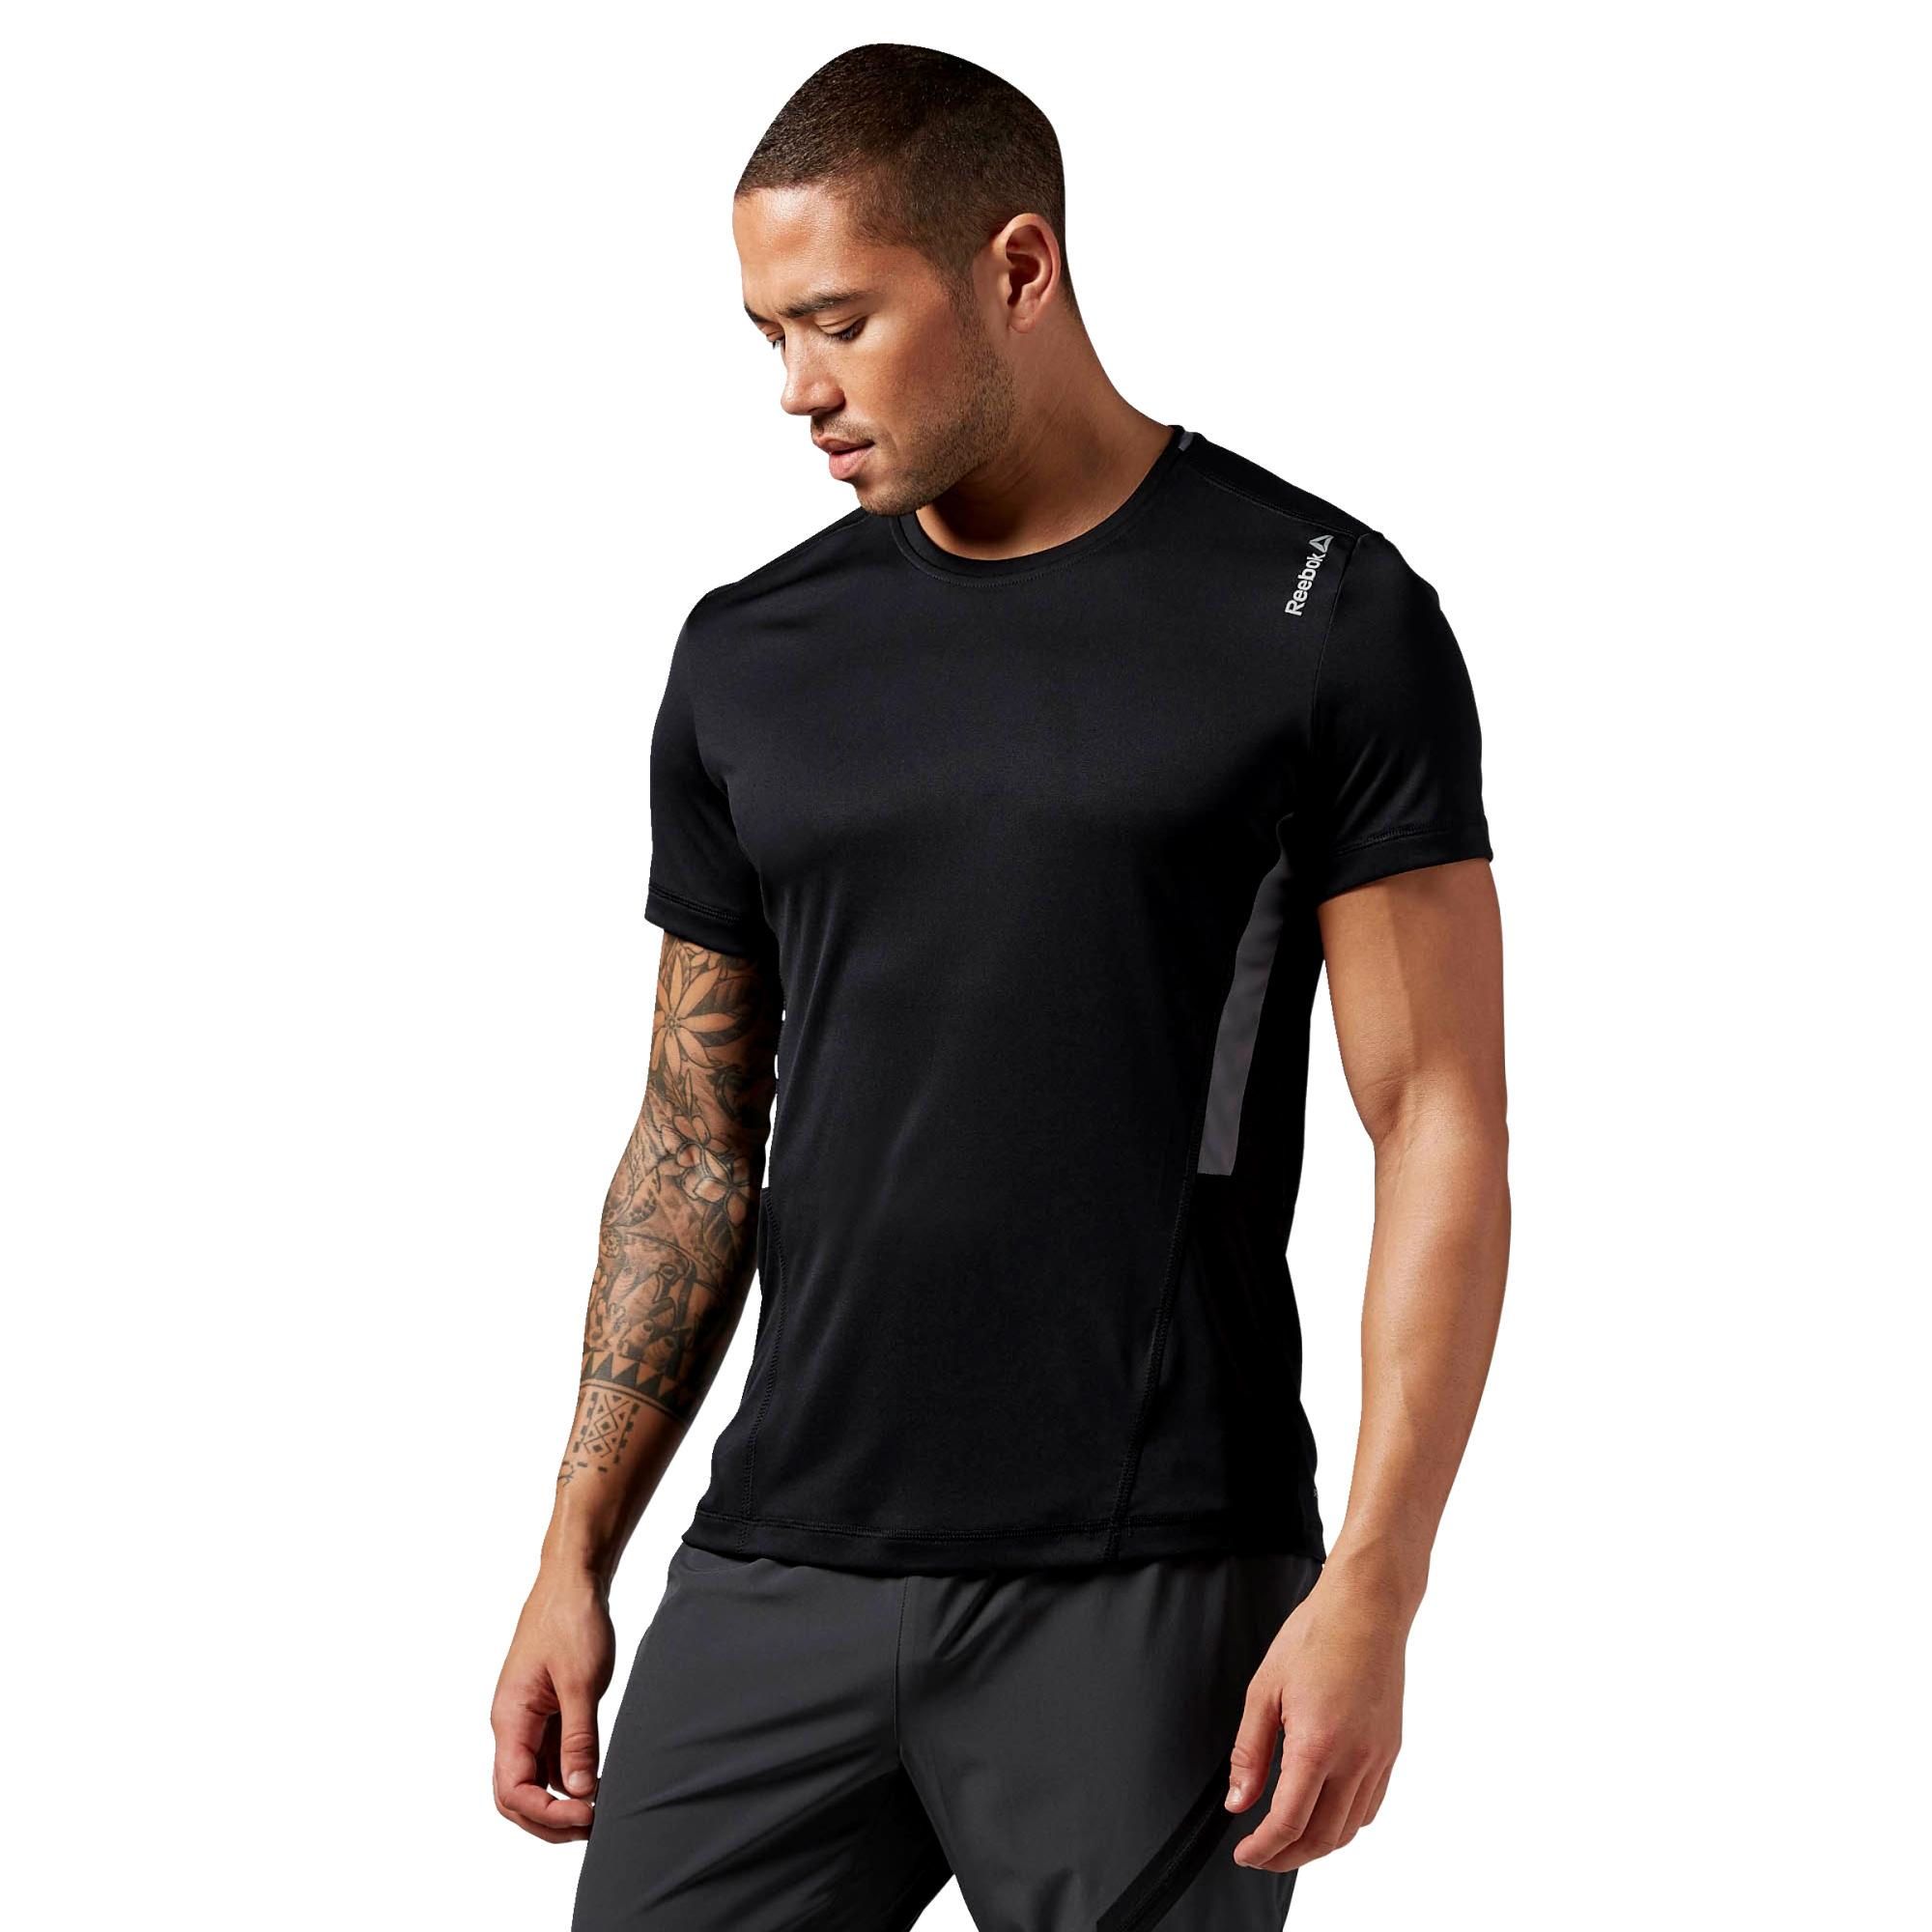 Reebok Workout Ready Mens Fitness Training Tech Shirt Tee